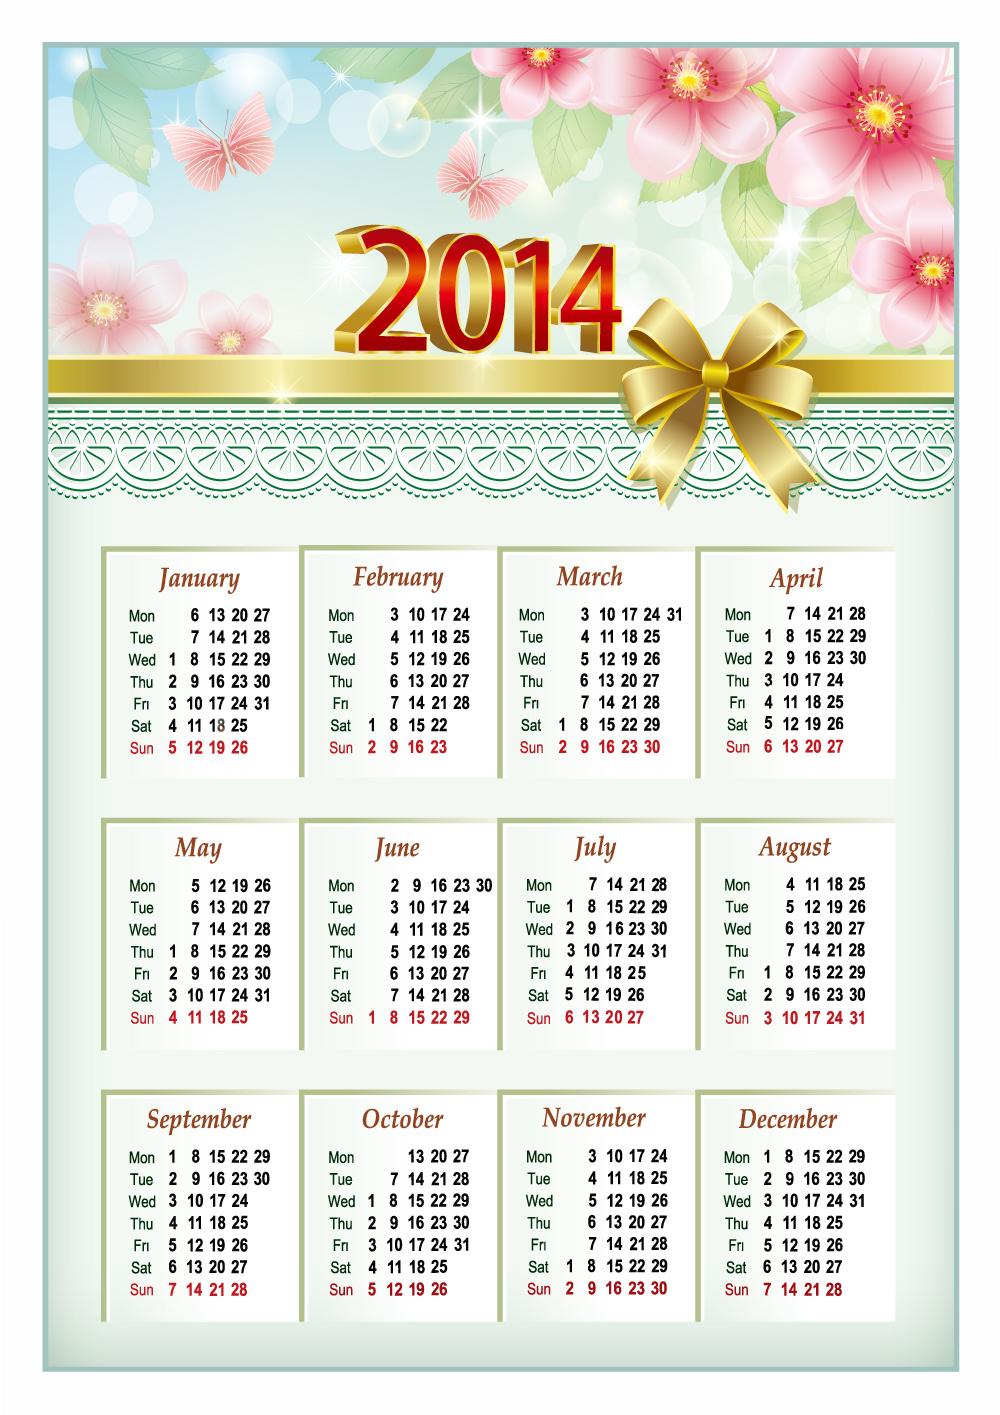 2014 Calendar Vector Free